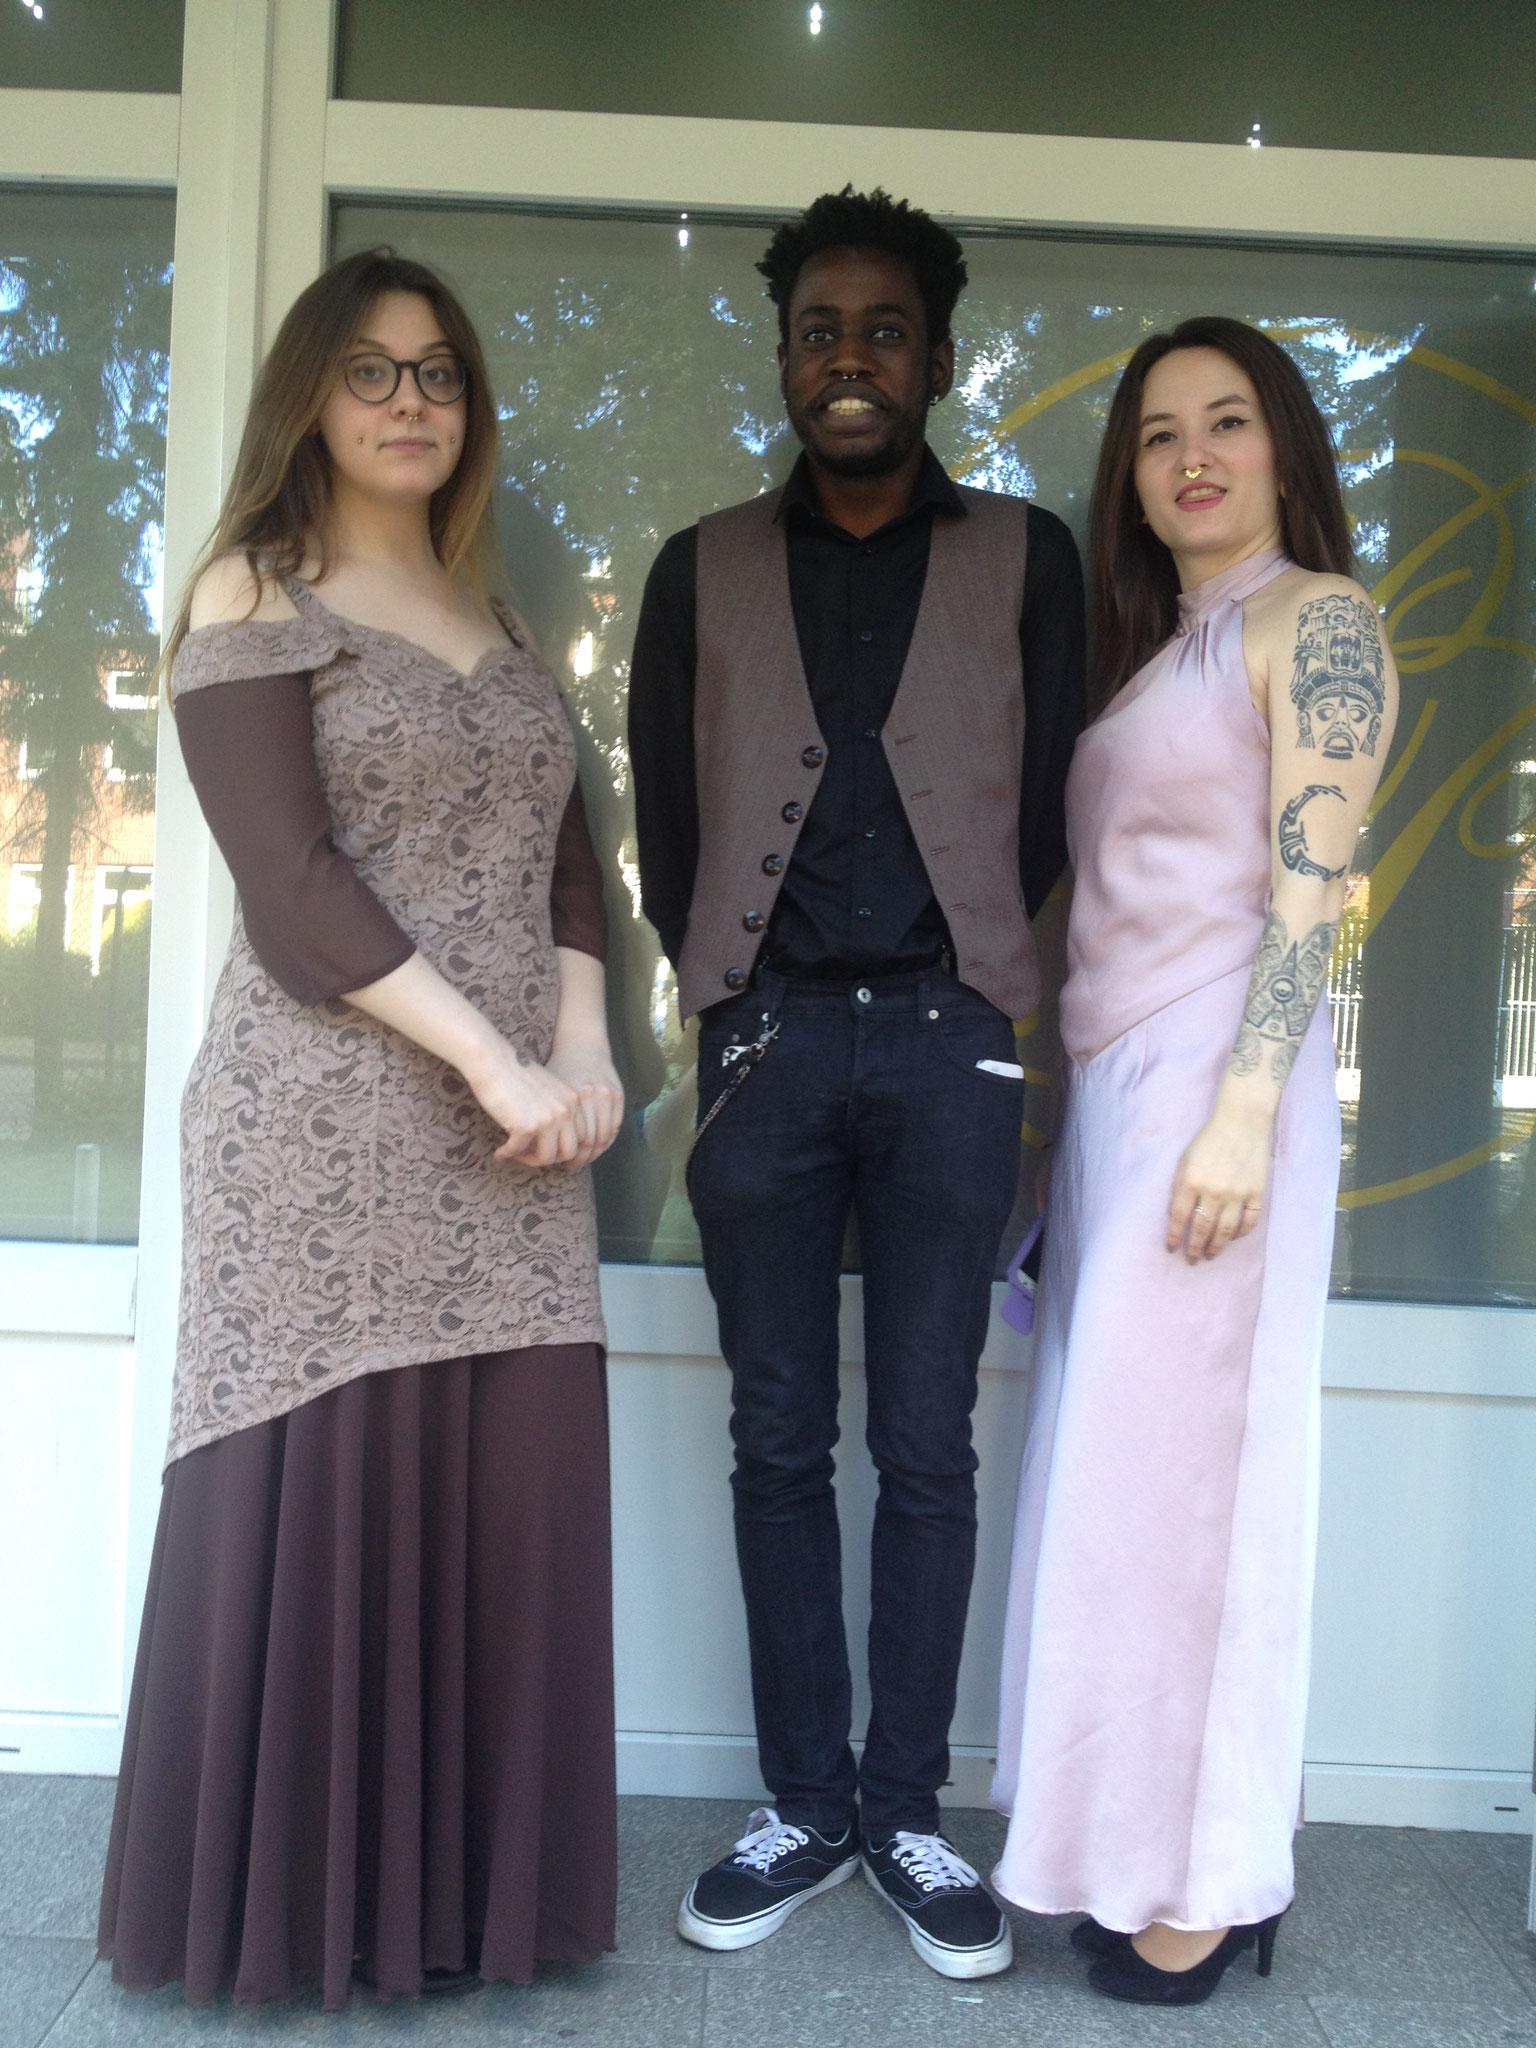 Abendkleider und Weste aus Schurwolle